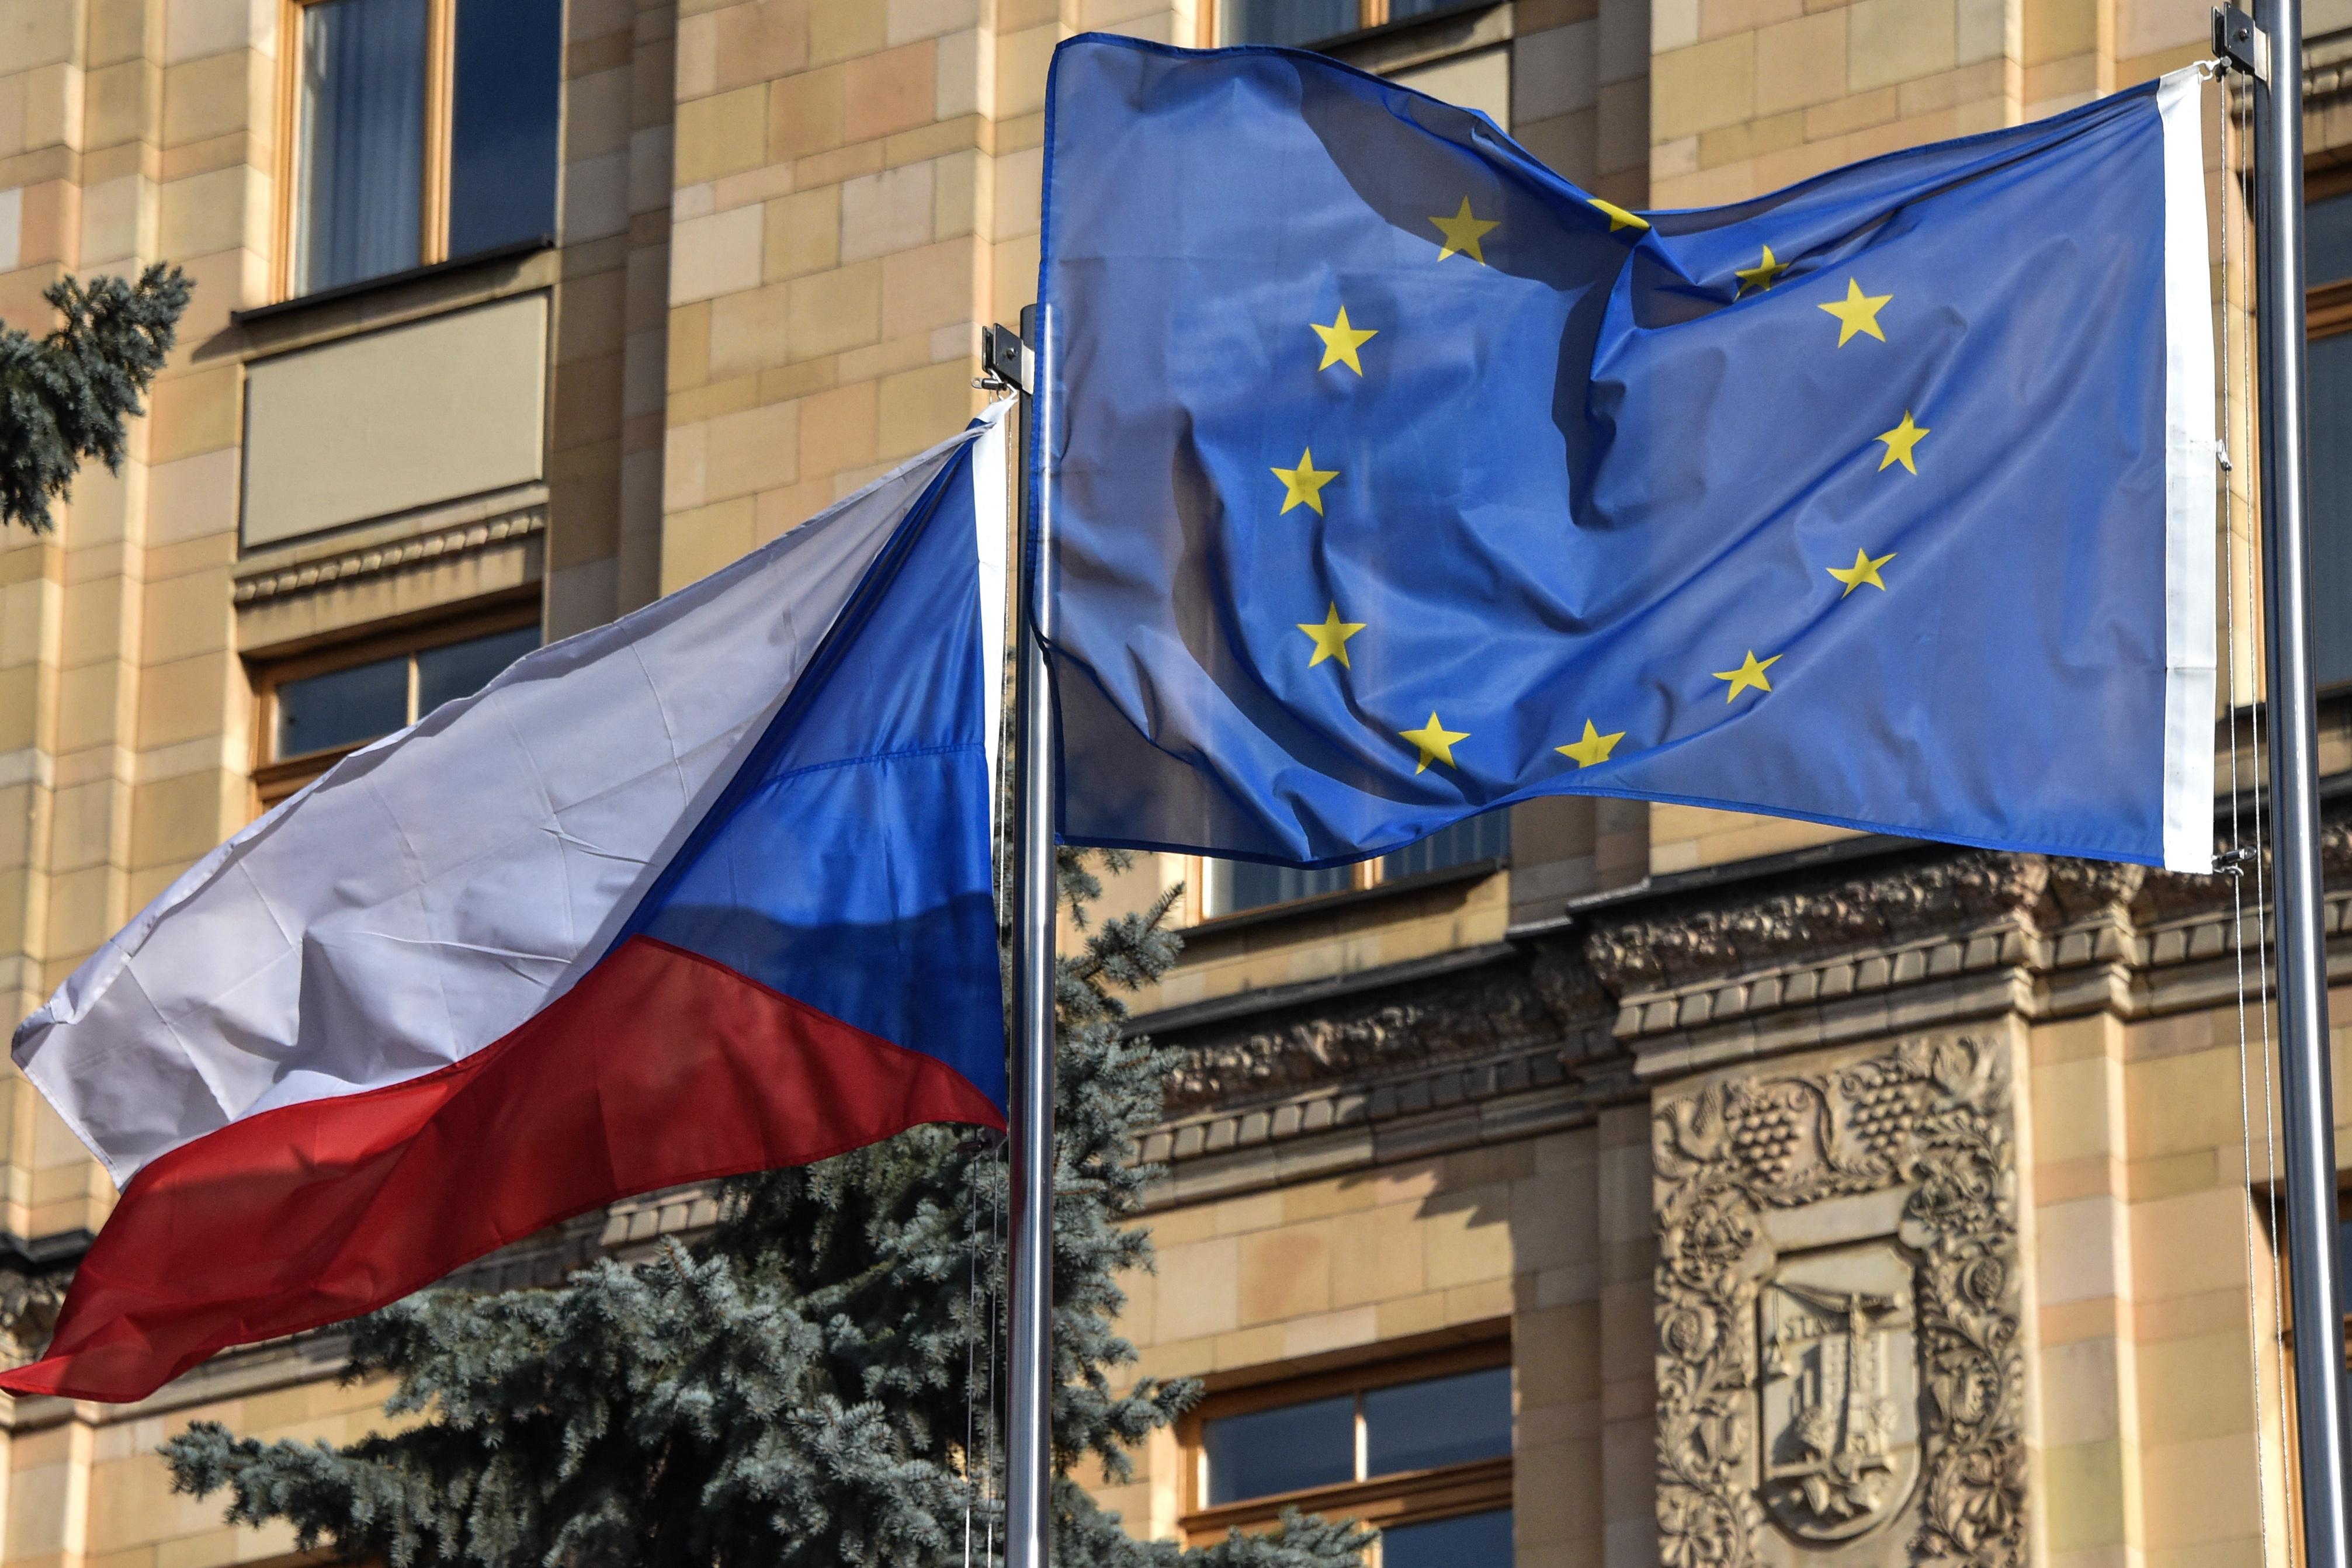 Csehország kártérítést fog kérni Moszkvától a vrbeticei robbanásért